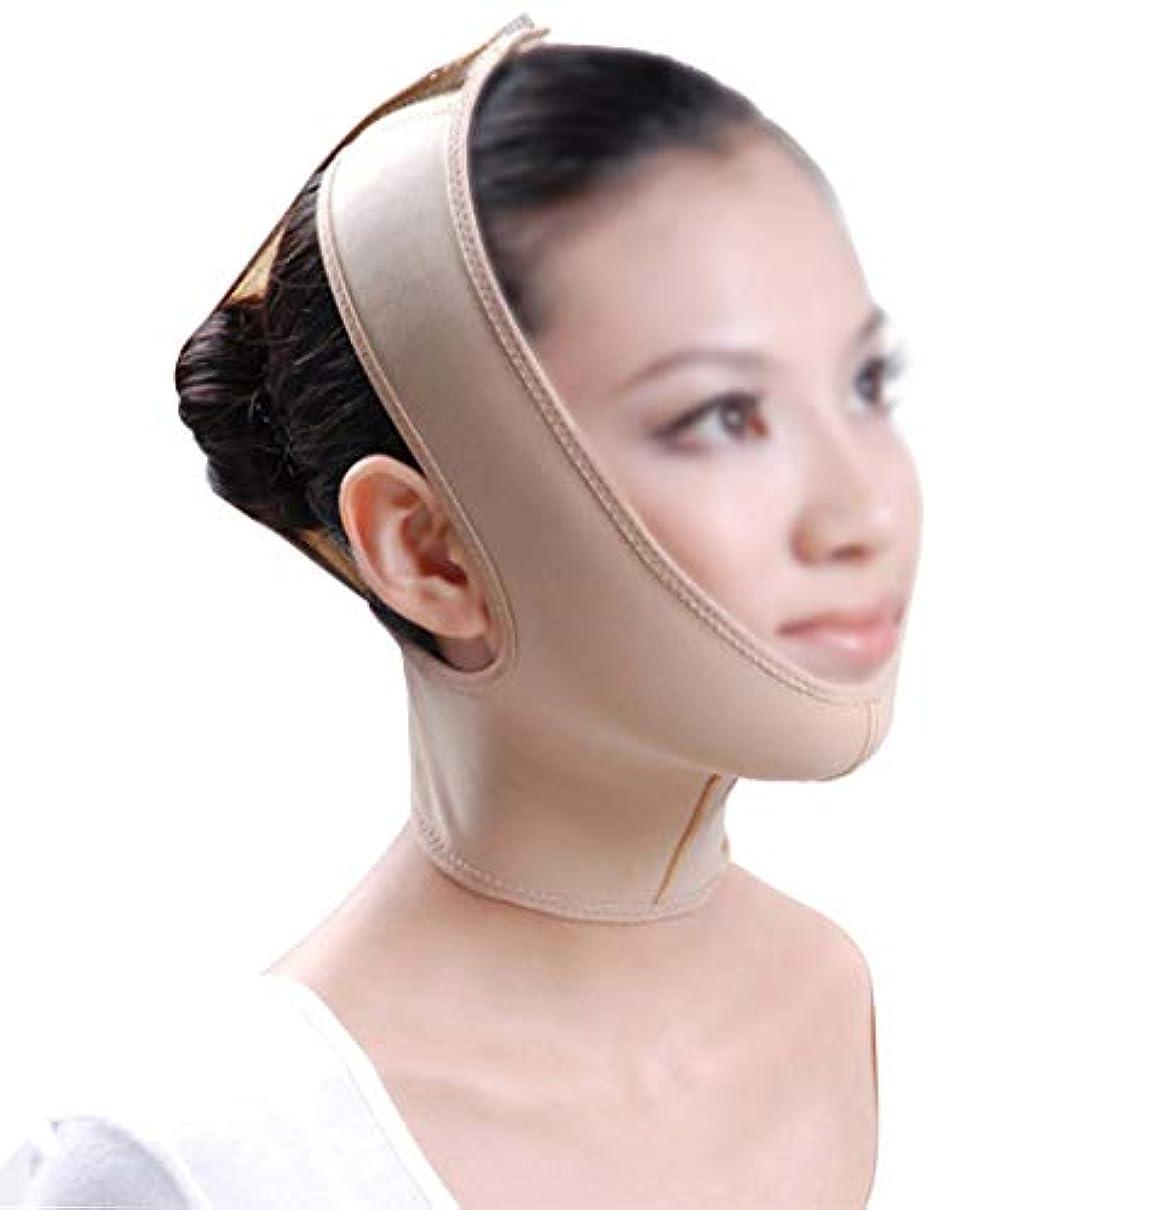 頑張る涙が出る司教GLJJQMY 引き締めマスクマスク強力なフェイスリフティングリハビリ弾性フェイスリフティング引き締め首あご整形リハビリチンスリーブ 顔用整形マスク (Size : XL)